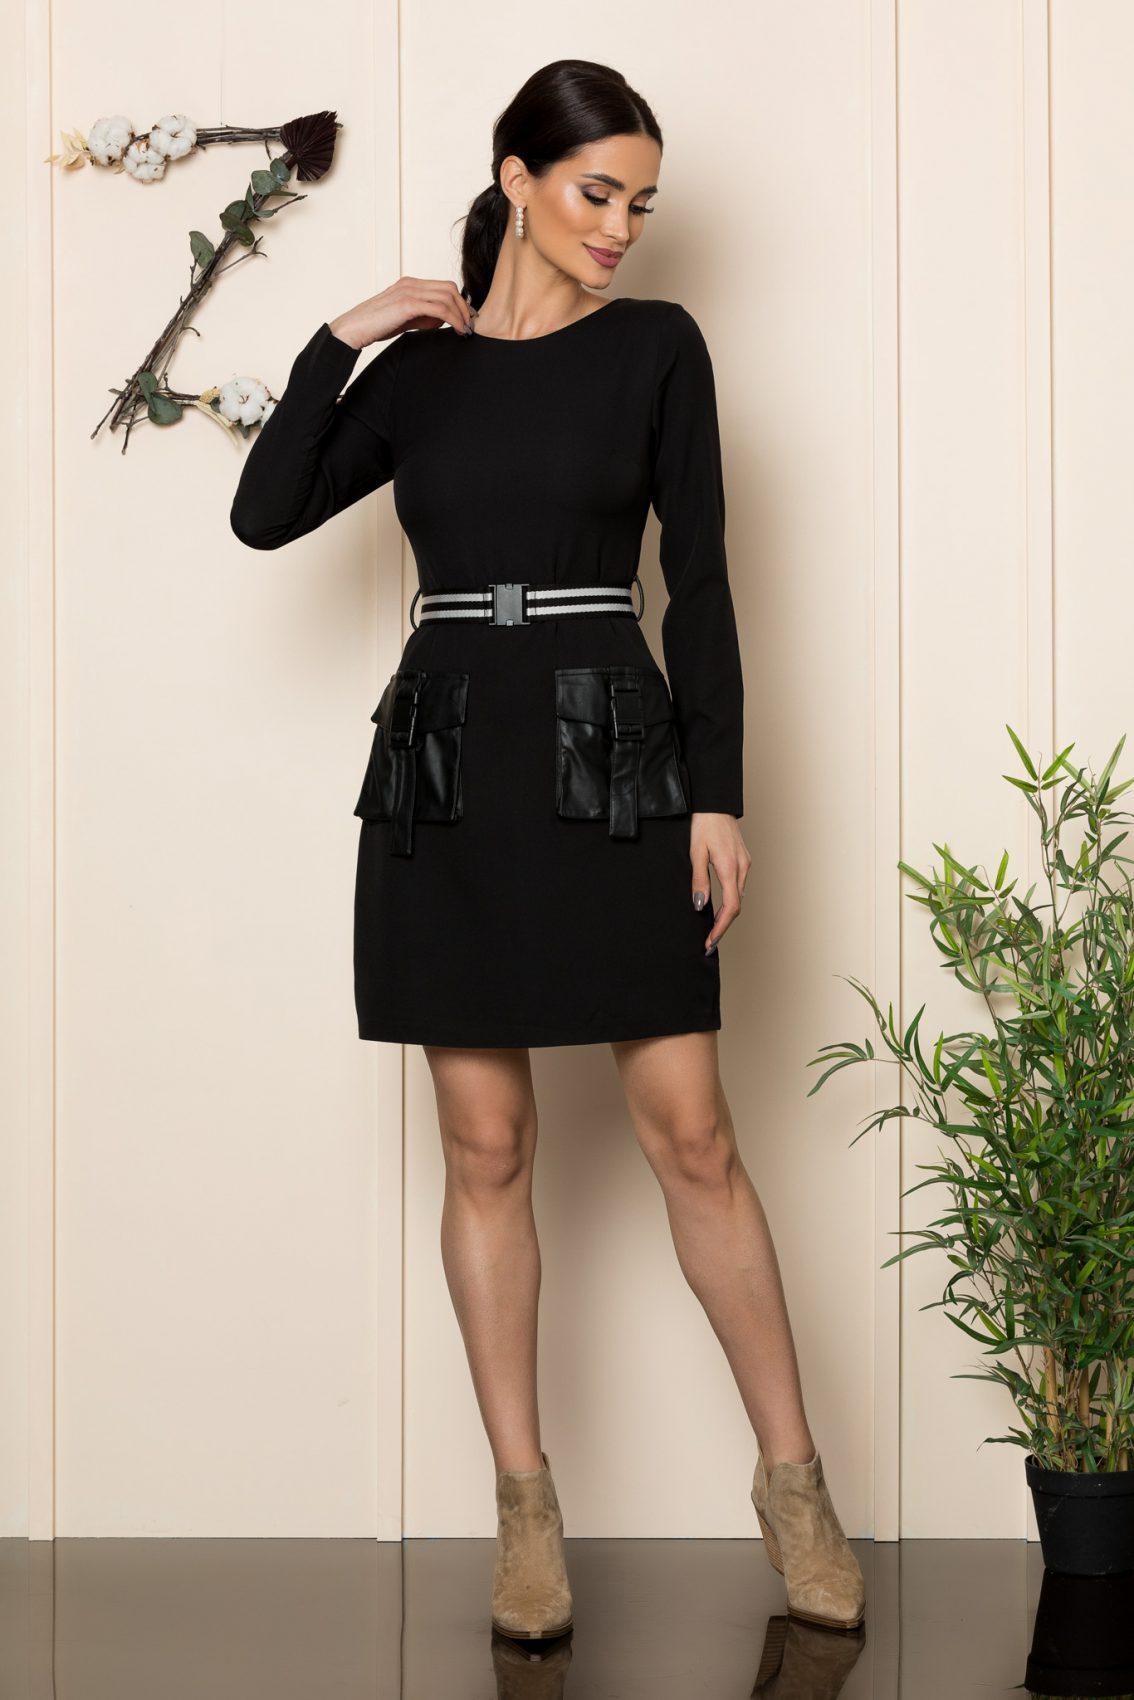 Μαύρο Φόρεμα Με Δερματίνη Keyra 9272 1